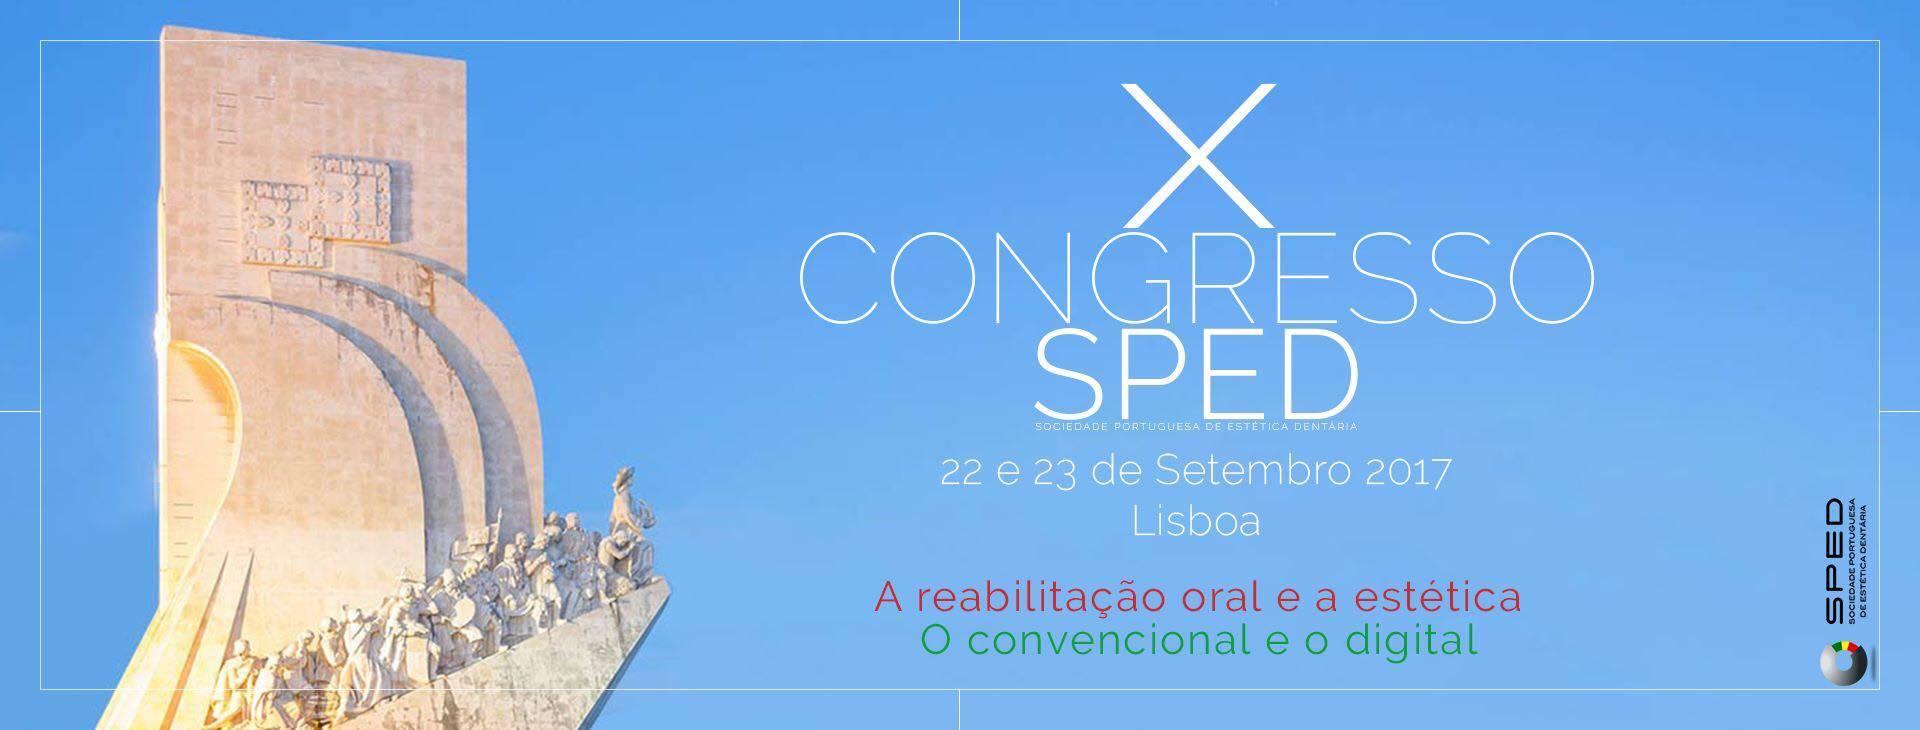 Imagem da notícia: X Congresso SPED à porta!